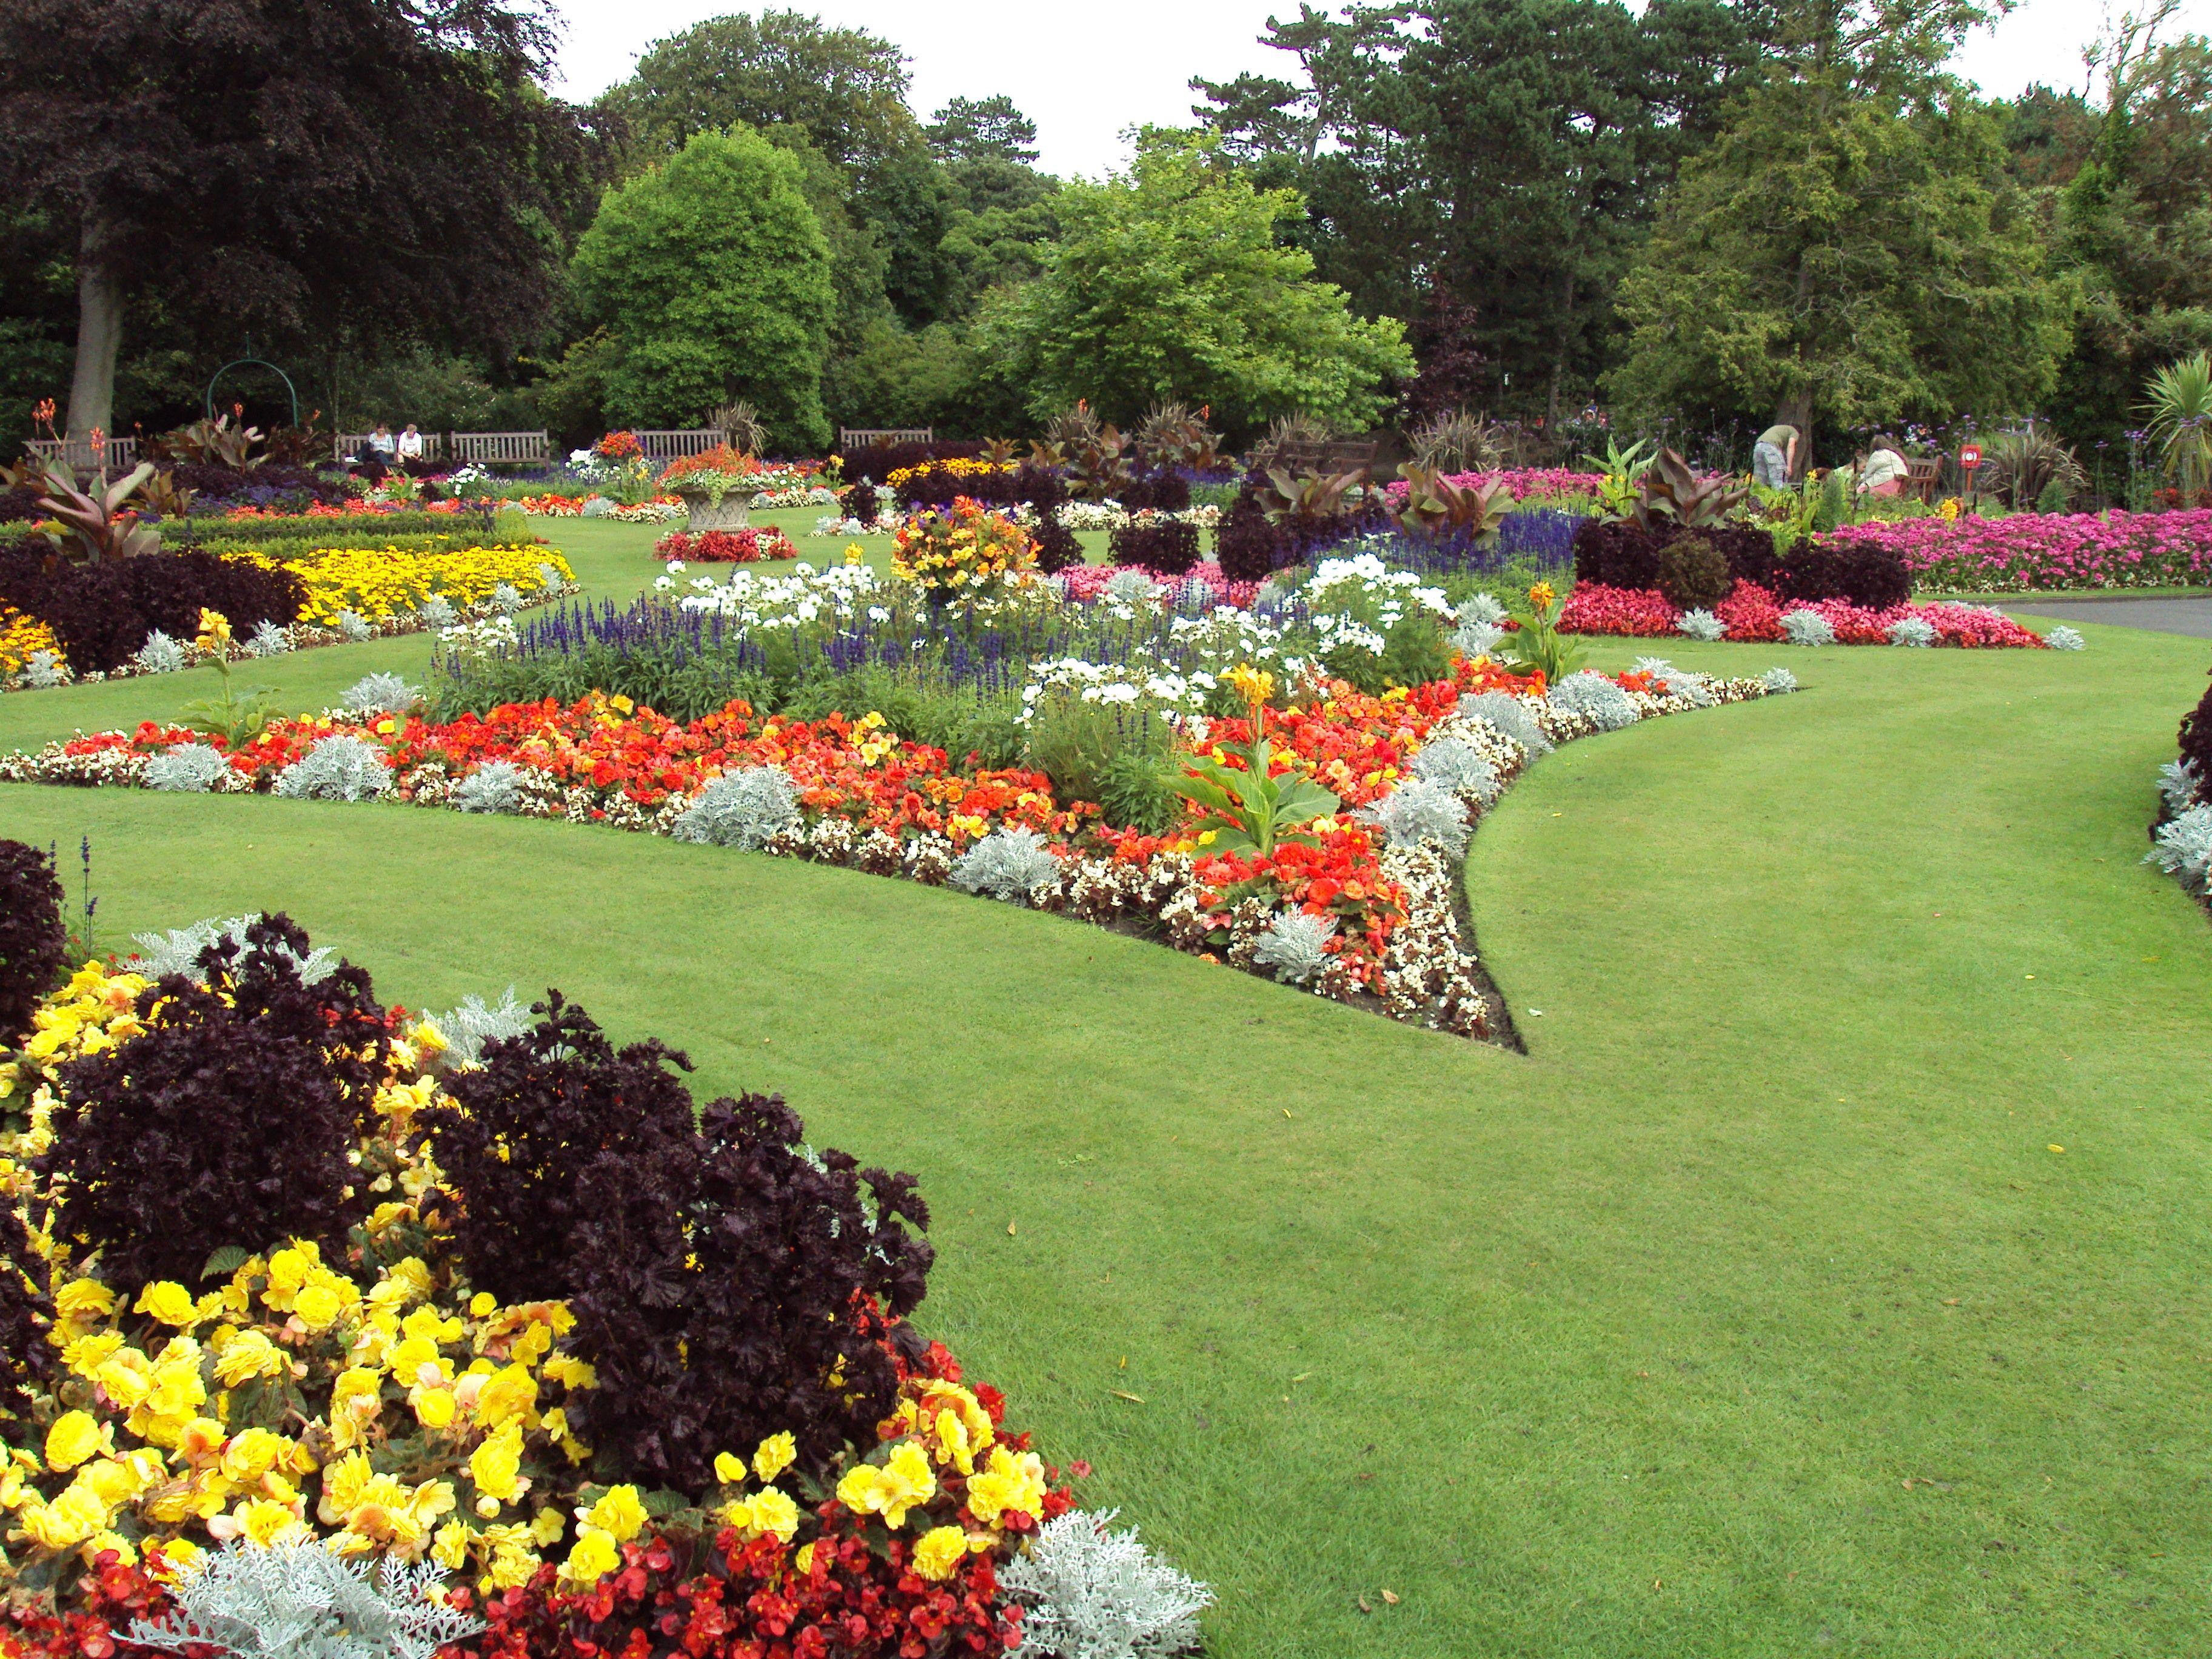 Brighter Blooms Nursery Buy Plants Online Read Reviews Garden Pictures Garden Images Beautiful Gardens